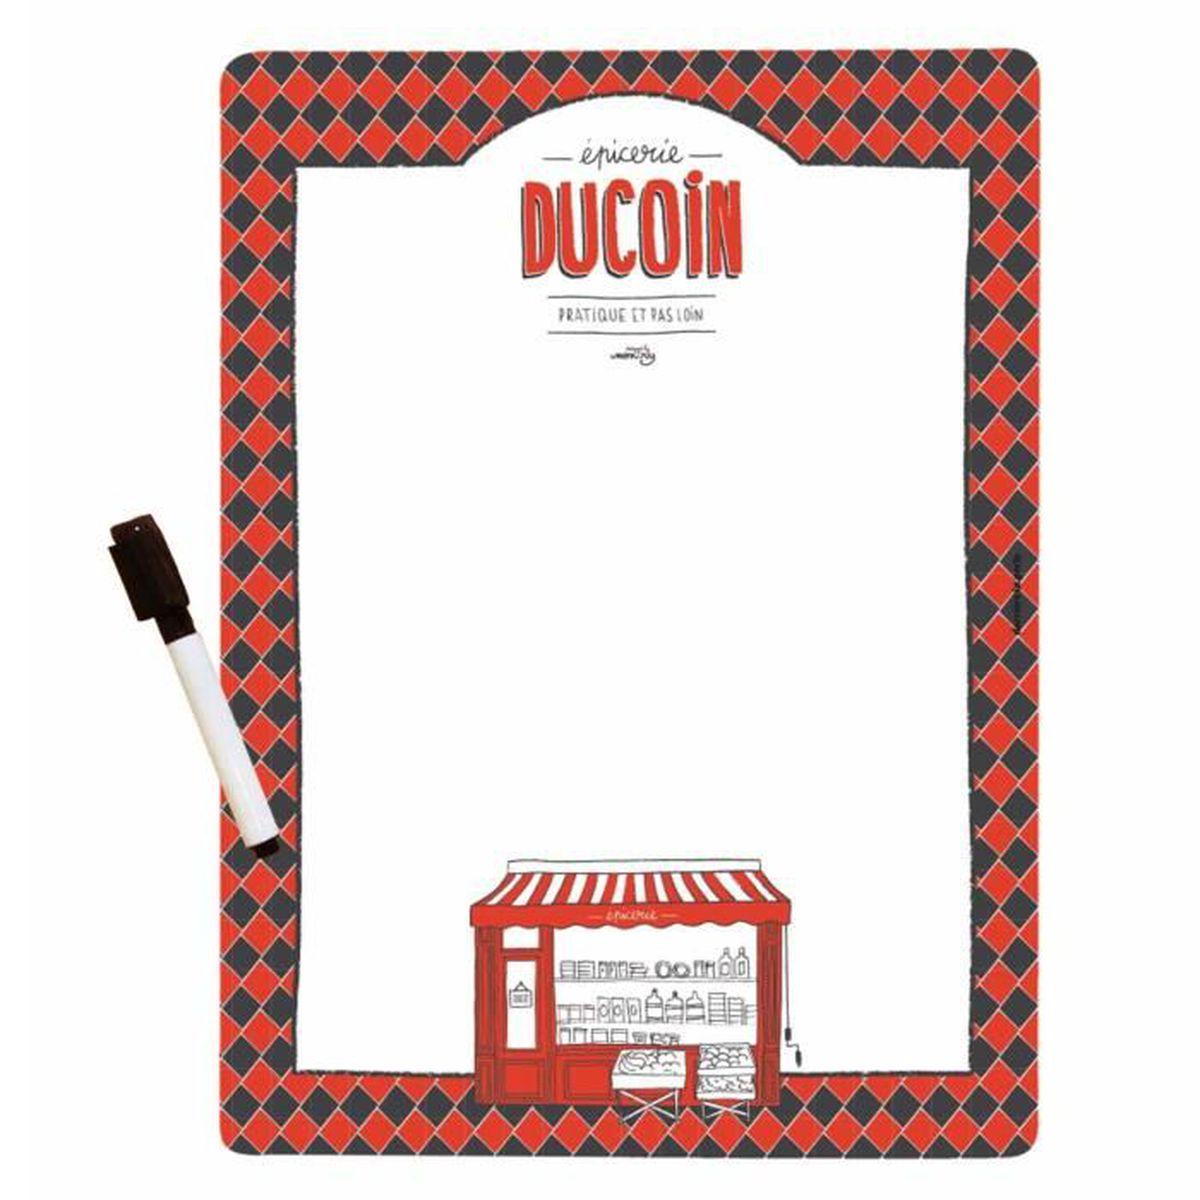 Tableau Noir Blackboard Magnétique Réfrigérateur Memo Board Puzzle